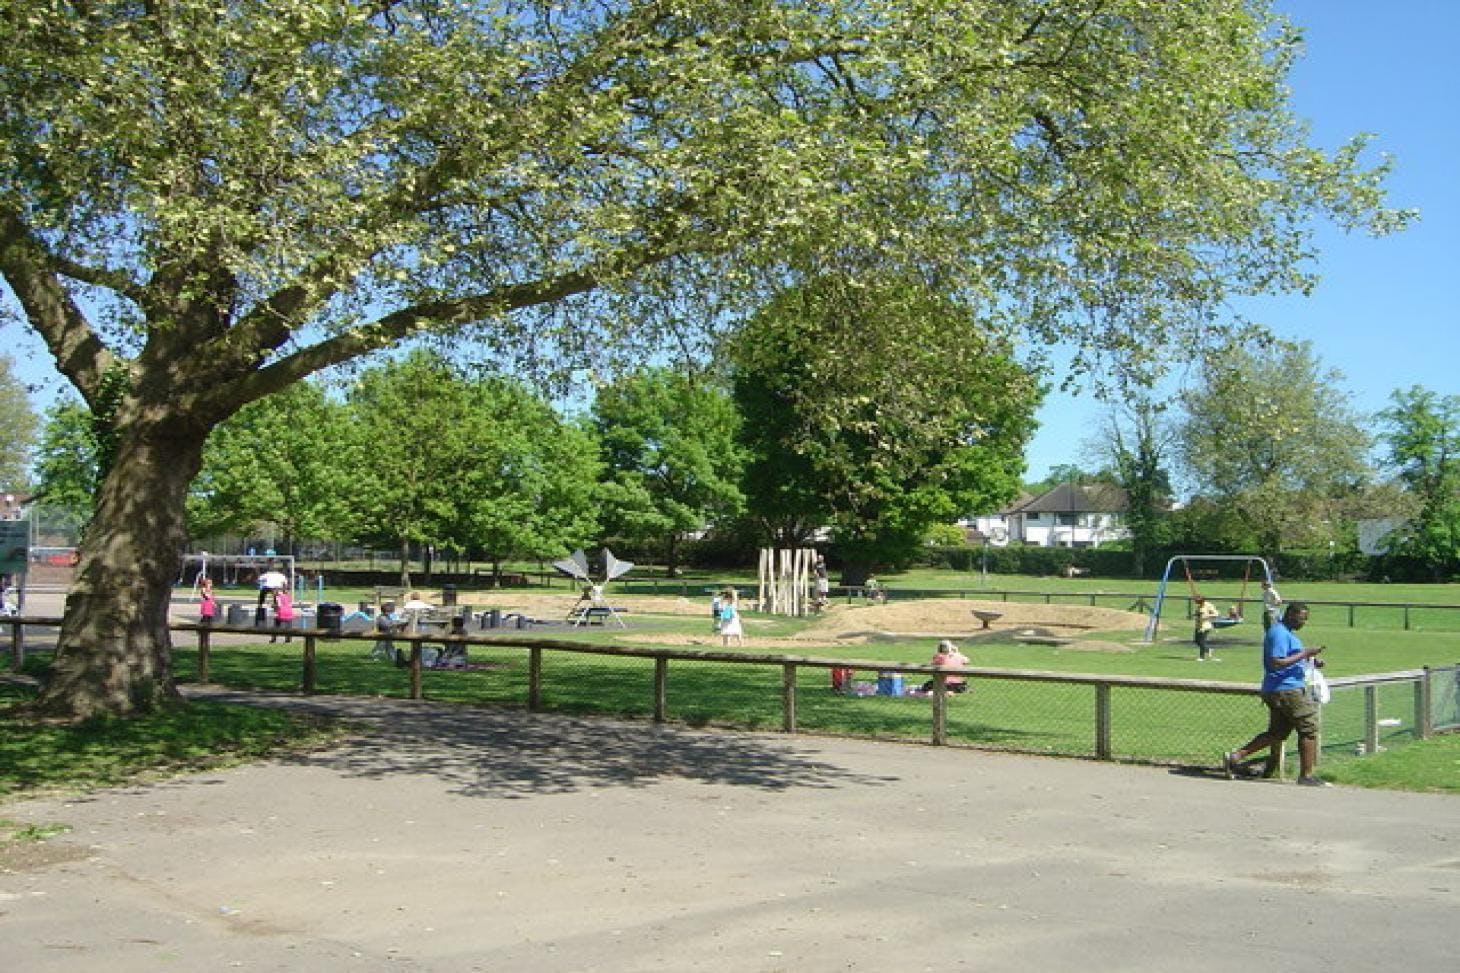 Harrow Weald Recreation Ground 11 a side | Grass football pitch